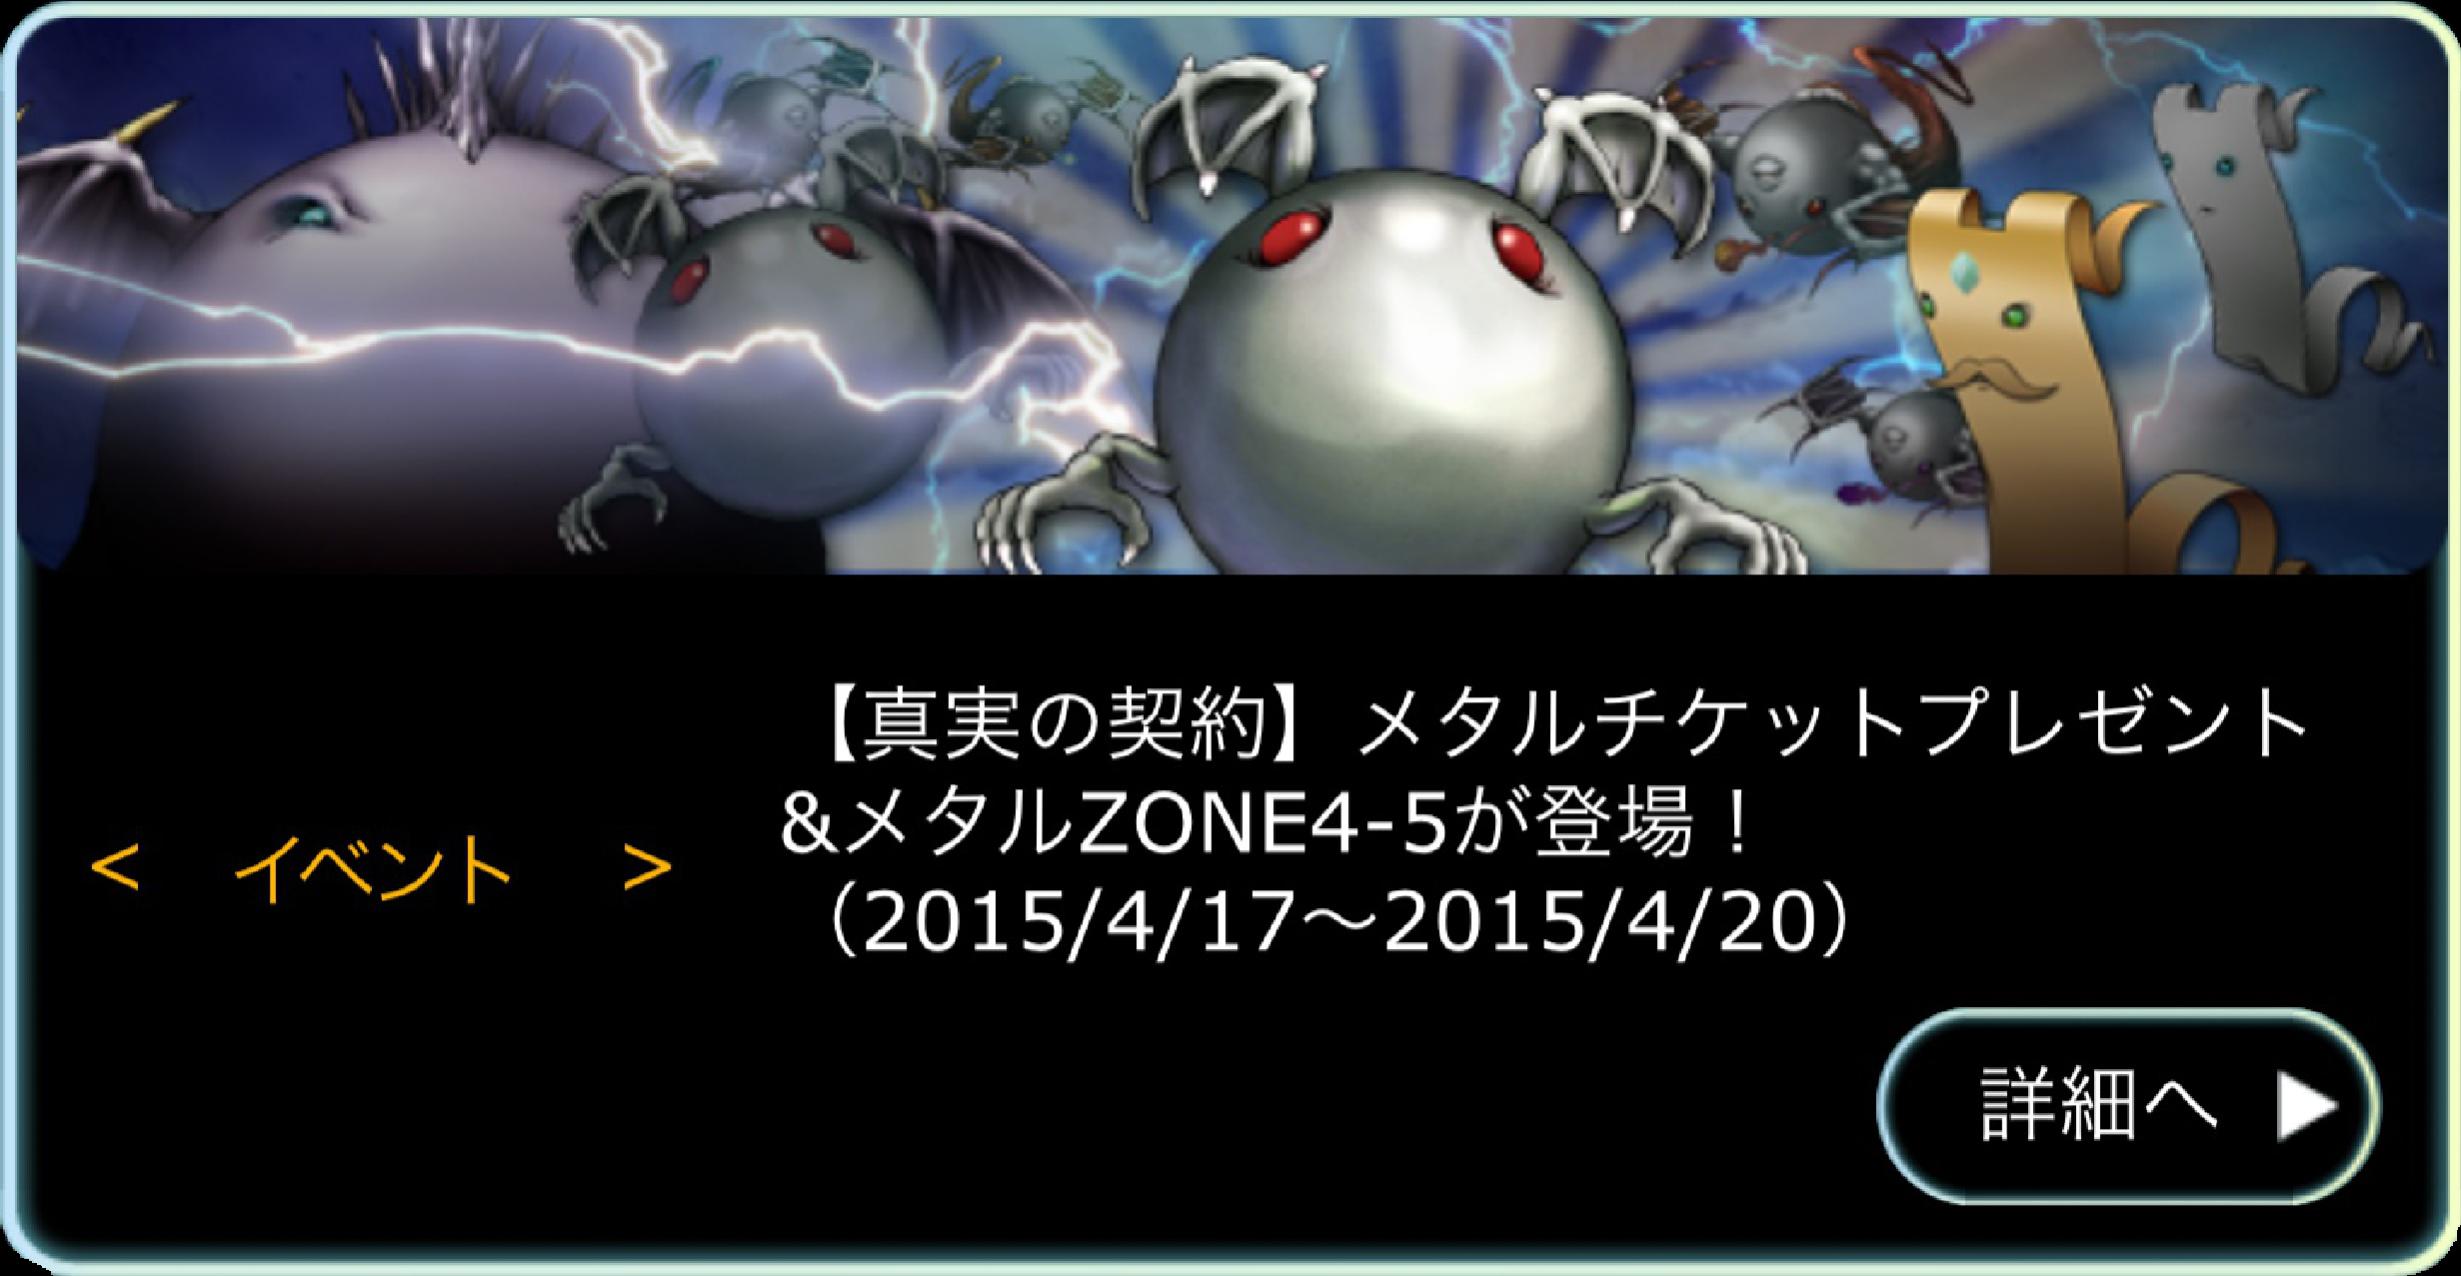 メタルチケットプレゼント&メタルZONE4-5が登場!